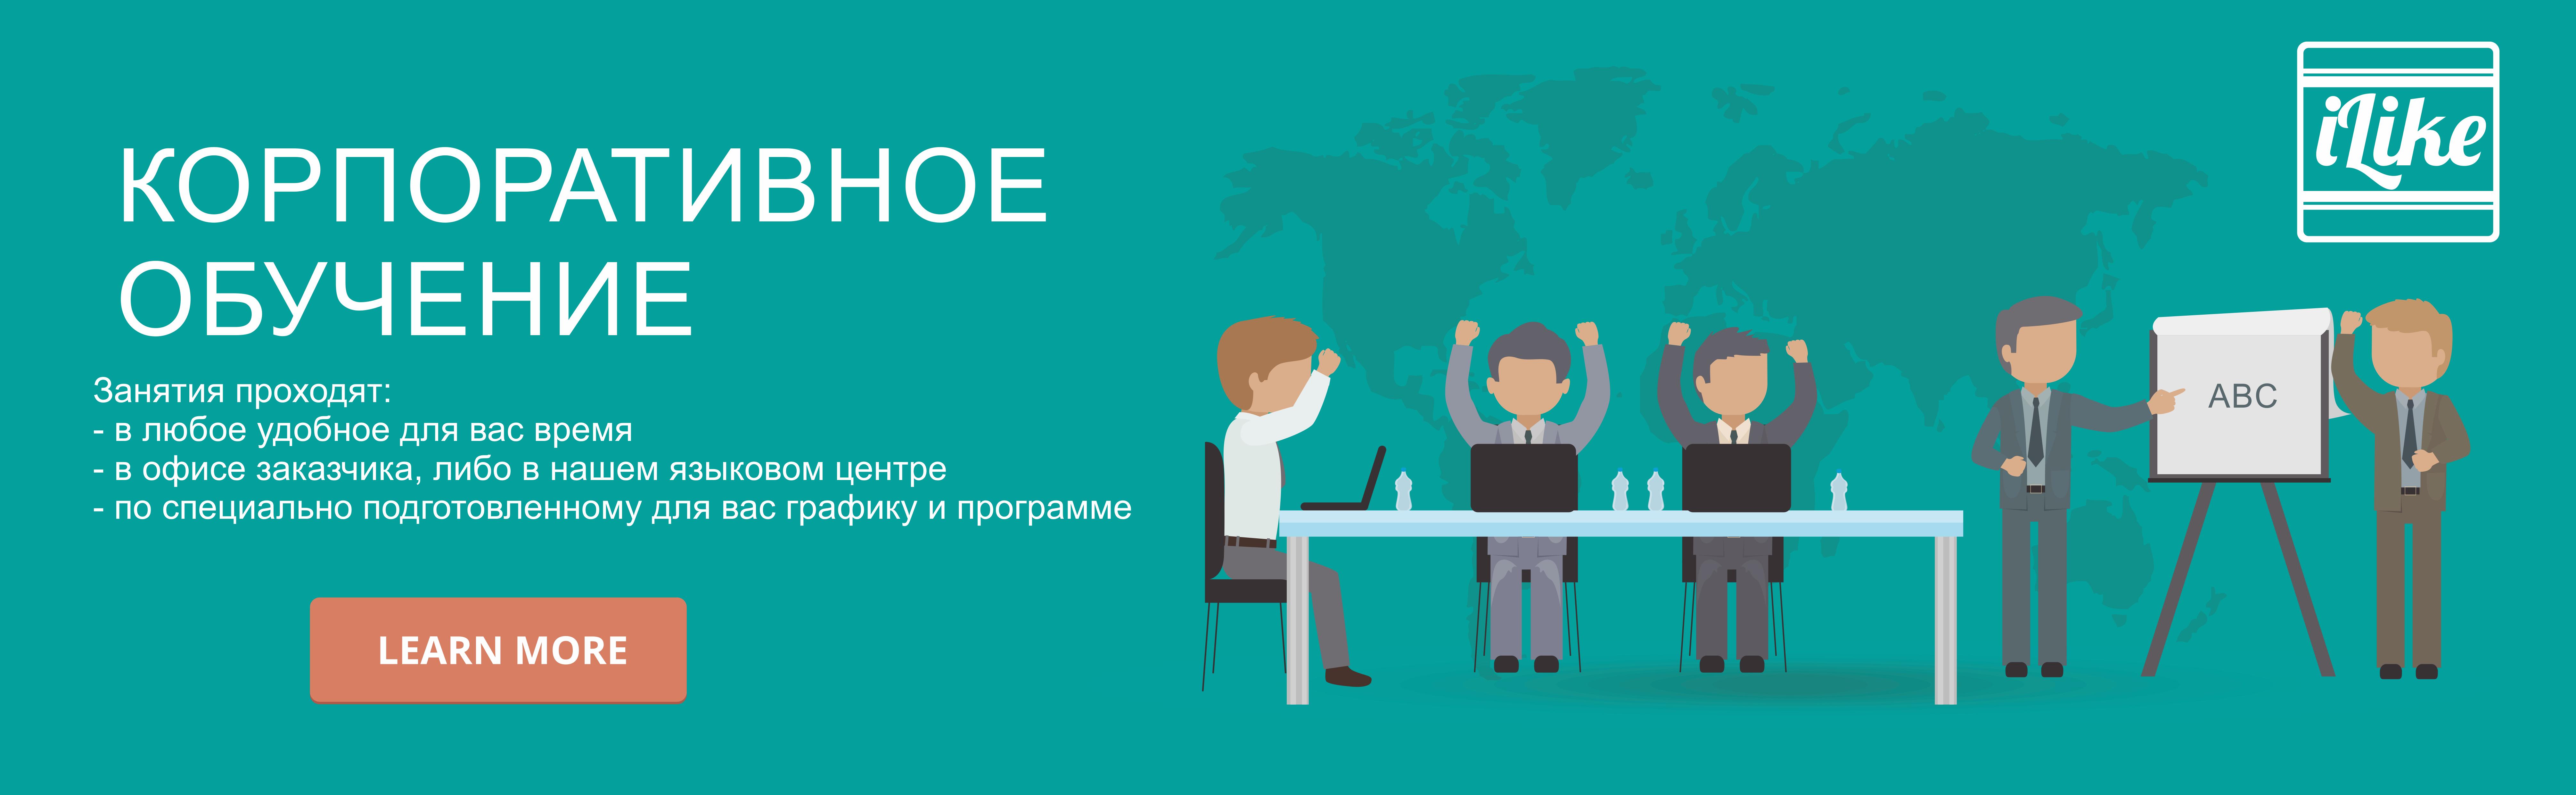 Корпоративное обучение английскому языку в Челябинске